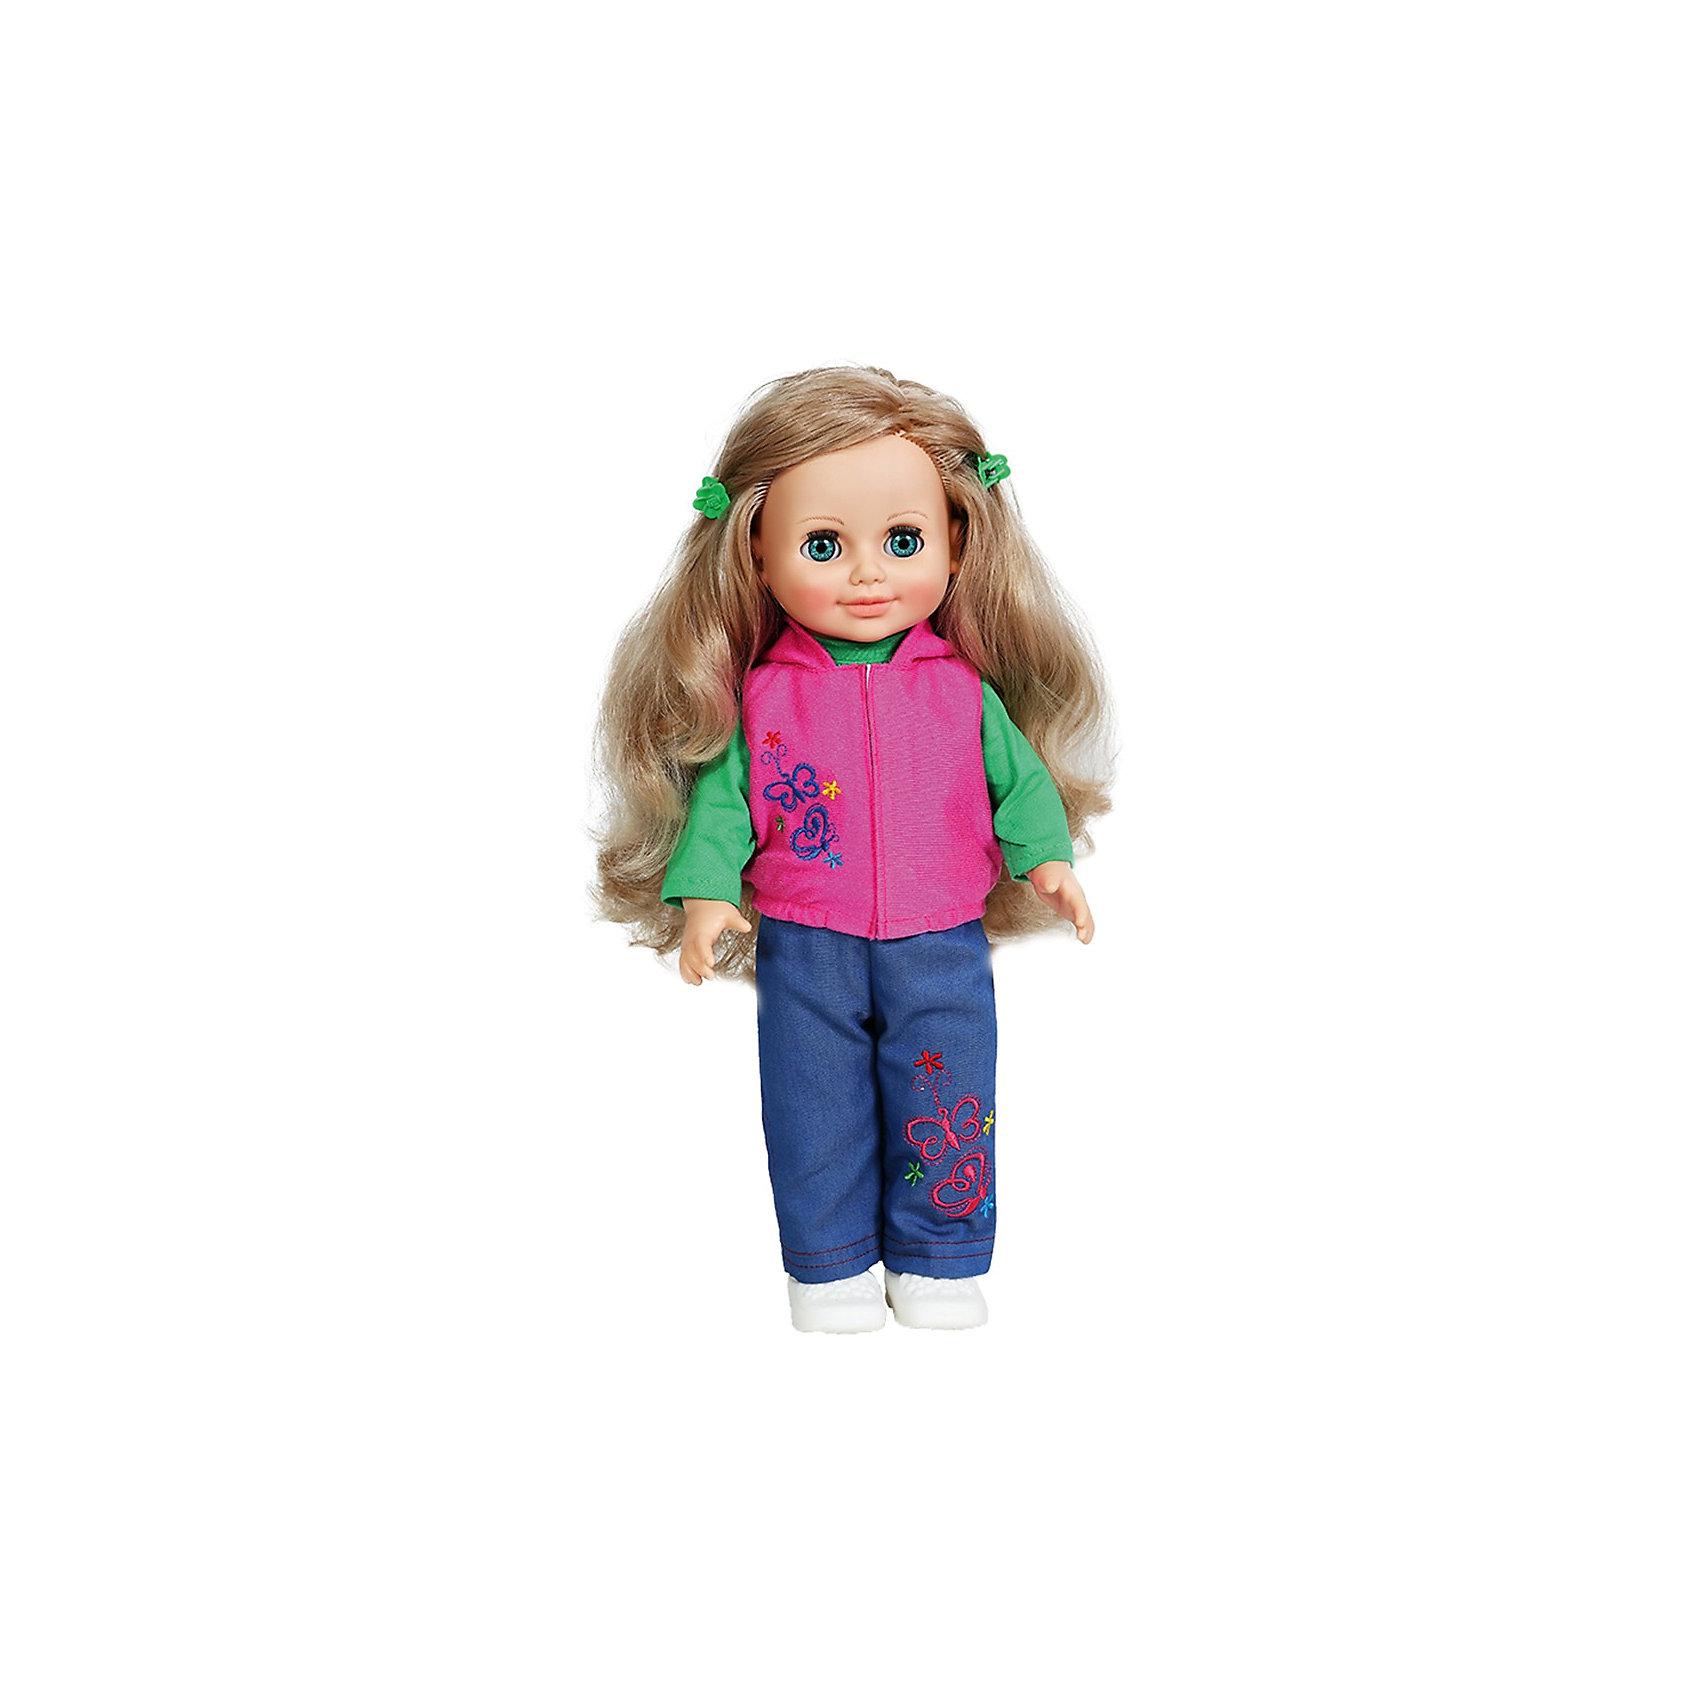 Кукла Анна 6, со звуком, ВеснаКлассические куклы<br>Эта очаровательная белокурая красавица покорит сердце любой девочки! Куколка одета в стильный наряд, состоящий из зеленой водолазки, розовой жилетки и синих брючек. Жилетка и брюки украшены оригинальной вышивкой. Волосы Анны мягкие и послушные, из них получится множество замечательных причесок. Кукла оснащена звуковым модулем, она умеет произносить фразы и предложения, которые не только порадуют девочку, но и помогут ей расширить свой словарный запас, откроют возможности для различных игровых сюжетов. Игрушка выполнена из высококачественных нетоксичных материалов абсолютно безопасных для детей.<br><br>Дополнительная информация:<br><br>- Материал: пластизол, пластик, текстиль.<br>- Размер: 42 см.<br>- Комплектация: кукла в одежде и обуви. <br>- Звуковые эффекты: фразы и предложения. <br>- Голова, руки, ноги подвижные.<br>- Глаза могут закрываться. <br><br>Куклу Анну, со звуком, Весна, можно купить в нашем магазине.<br><br>Ширина мм: 490<br>Глубина мм: 210<br>Высота мм: 130<br>Вес г: 550<br>Возраст от месяцев: 36<br>Возраст до месяцев: 120<br>Пол: Женский<br>Возраст: Детский<br>SKU: 4595146